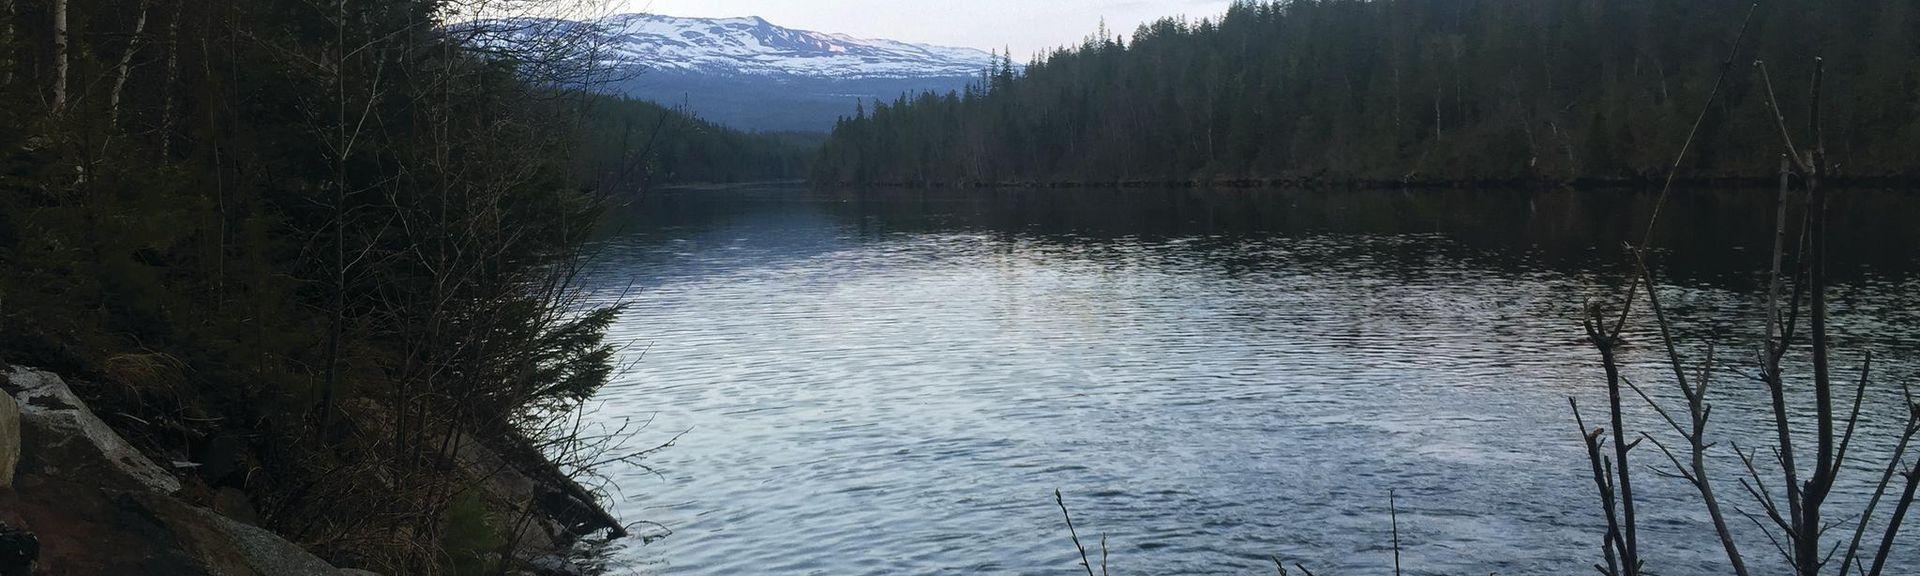 Tydal, Sor-Trondelag (condado), Noruega